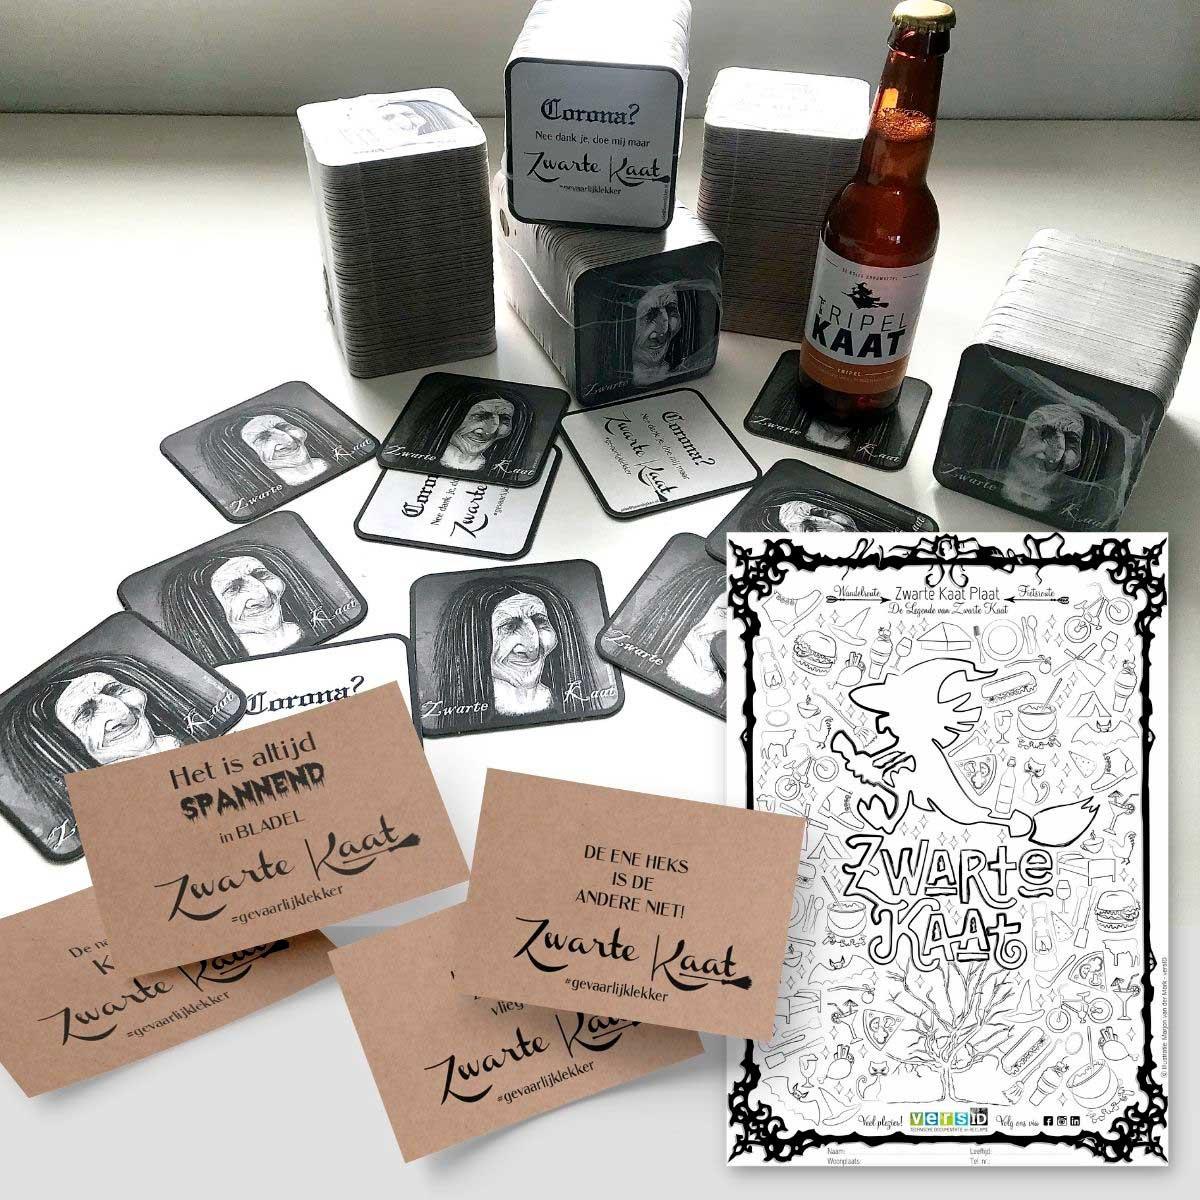 Illustratie, bierviltjes, ansichtkaarten, drukwerk, en kleurplaat, Zwarte Kaart plaat, Zwarte Kaat.